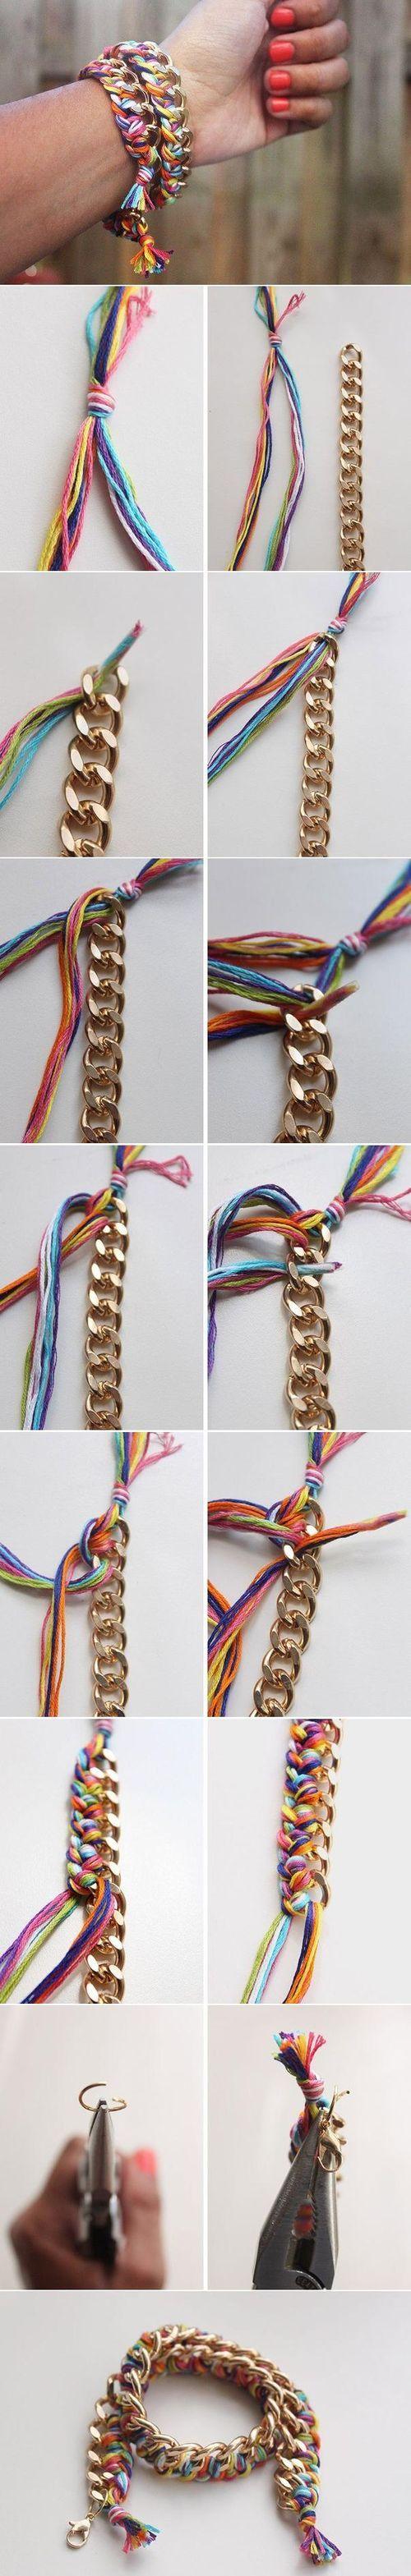 DIY Colorful Summer Bracelet DIY Projects / UsefulDIY.com